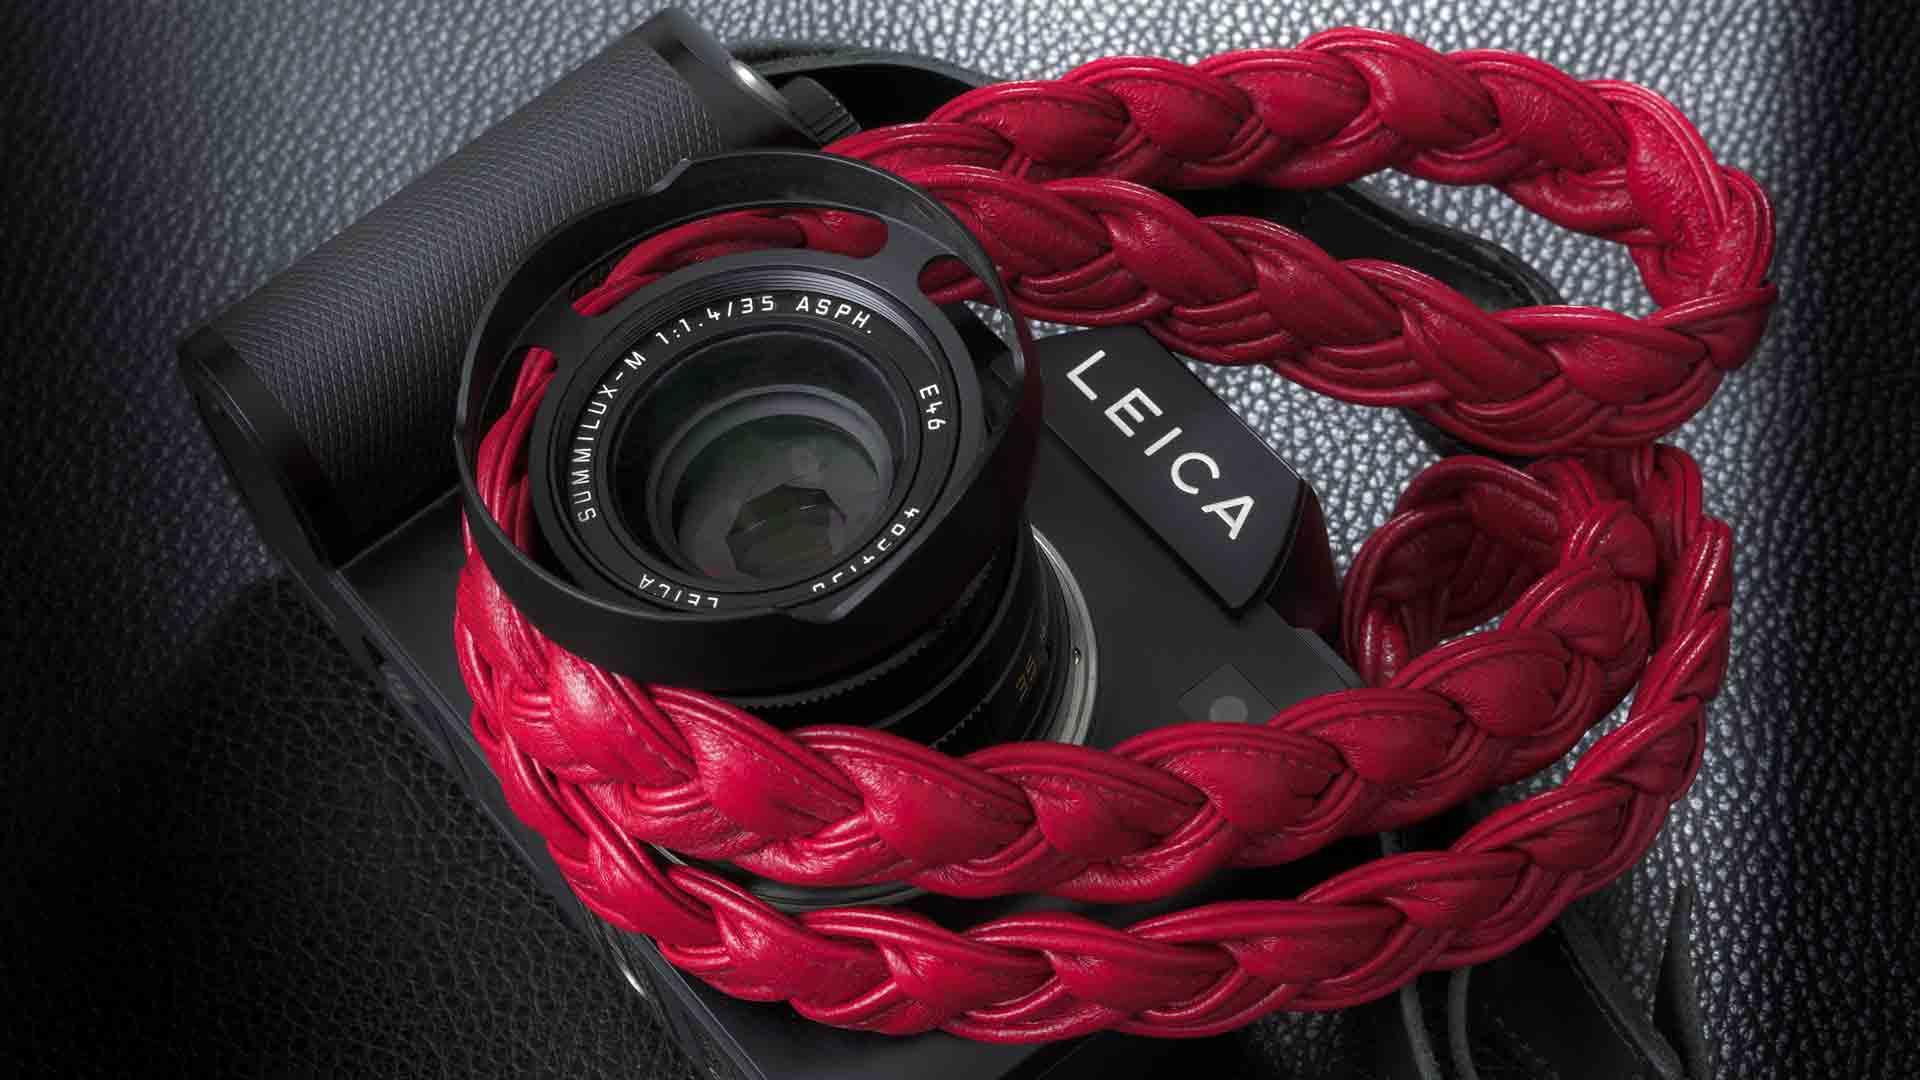 leica s strap, leica sl strap, leather camera strap, handmade leather camera strap, leica camera strap, mirrorless camera strap, handmade camera strap, red camera strap, braided camera strap